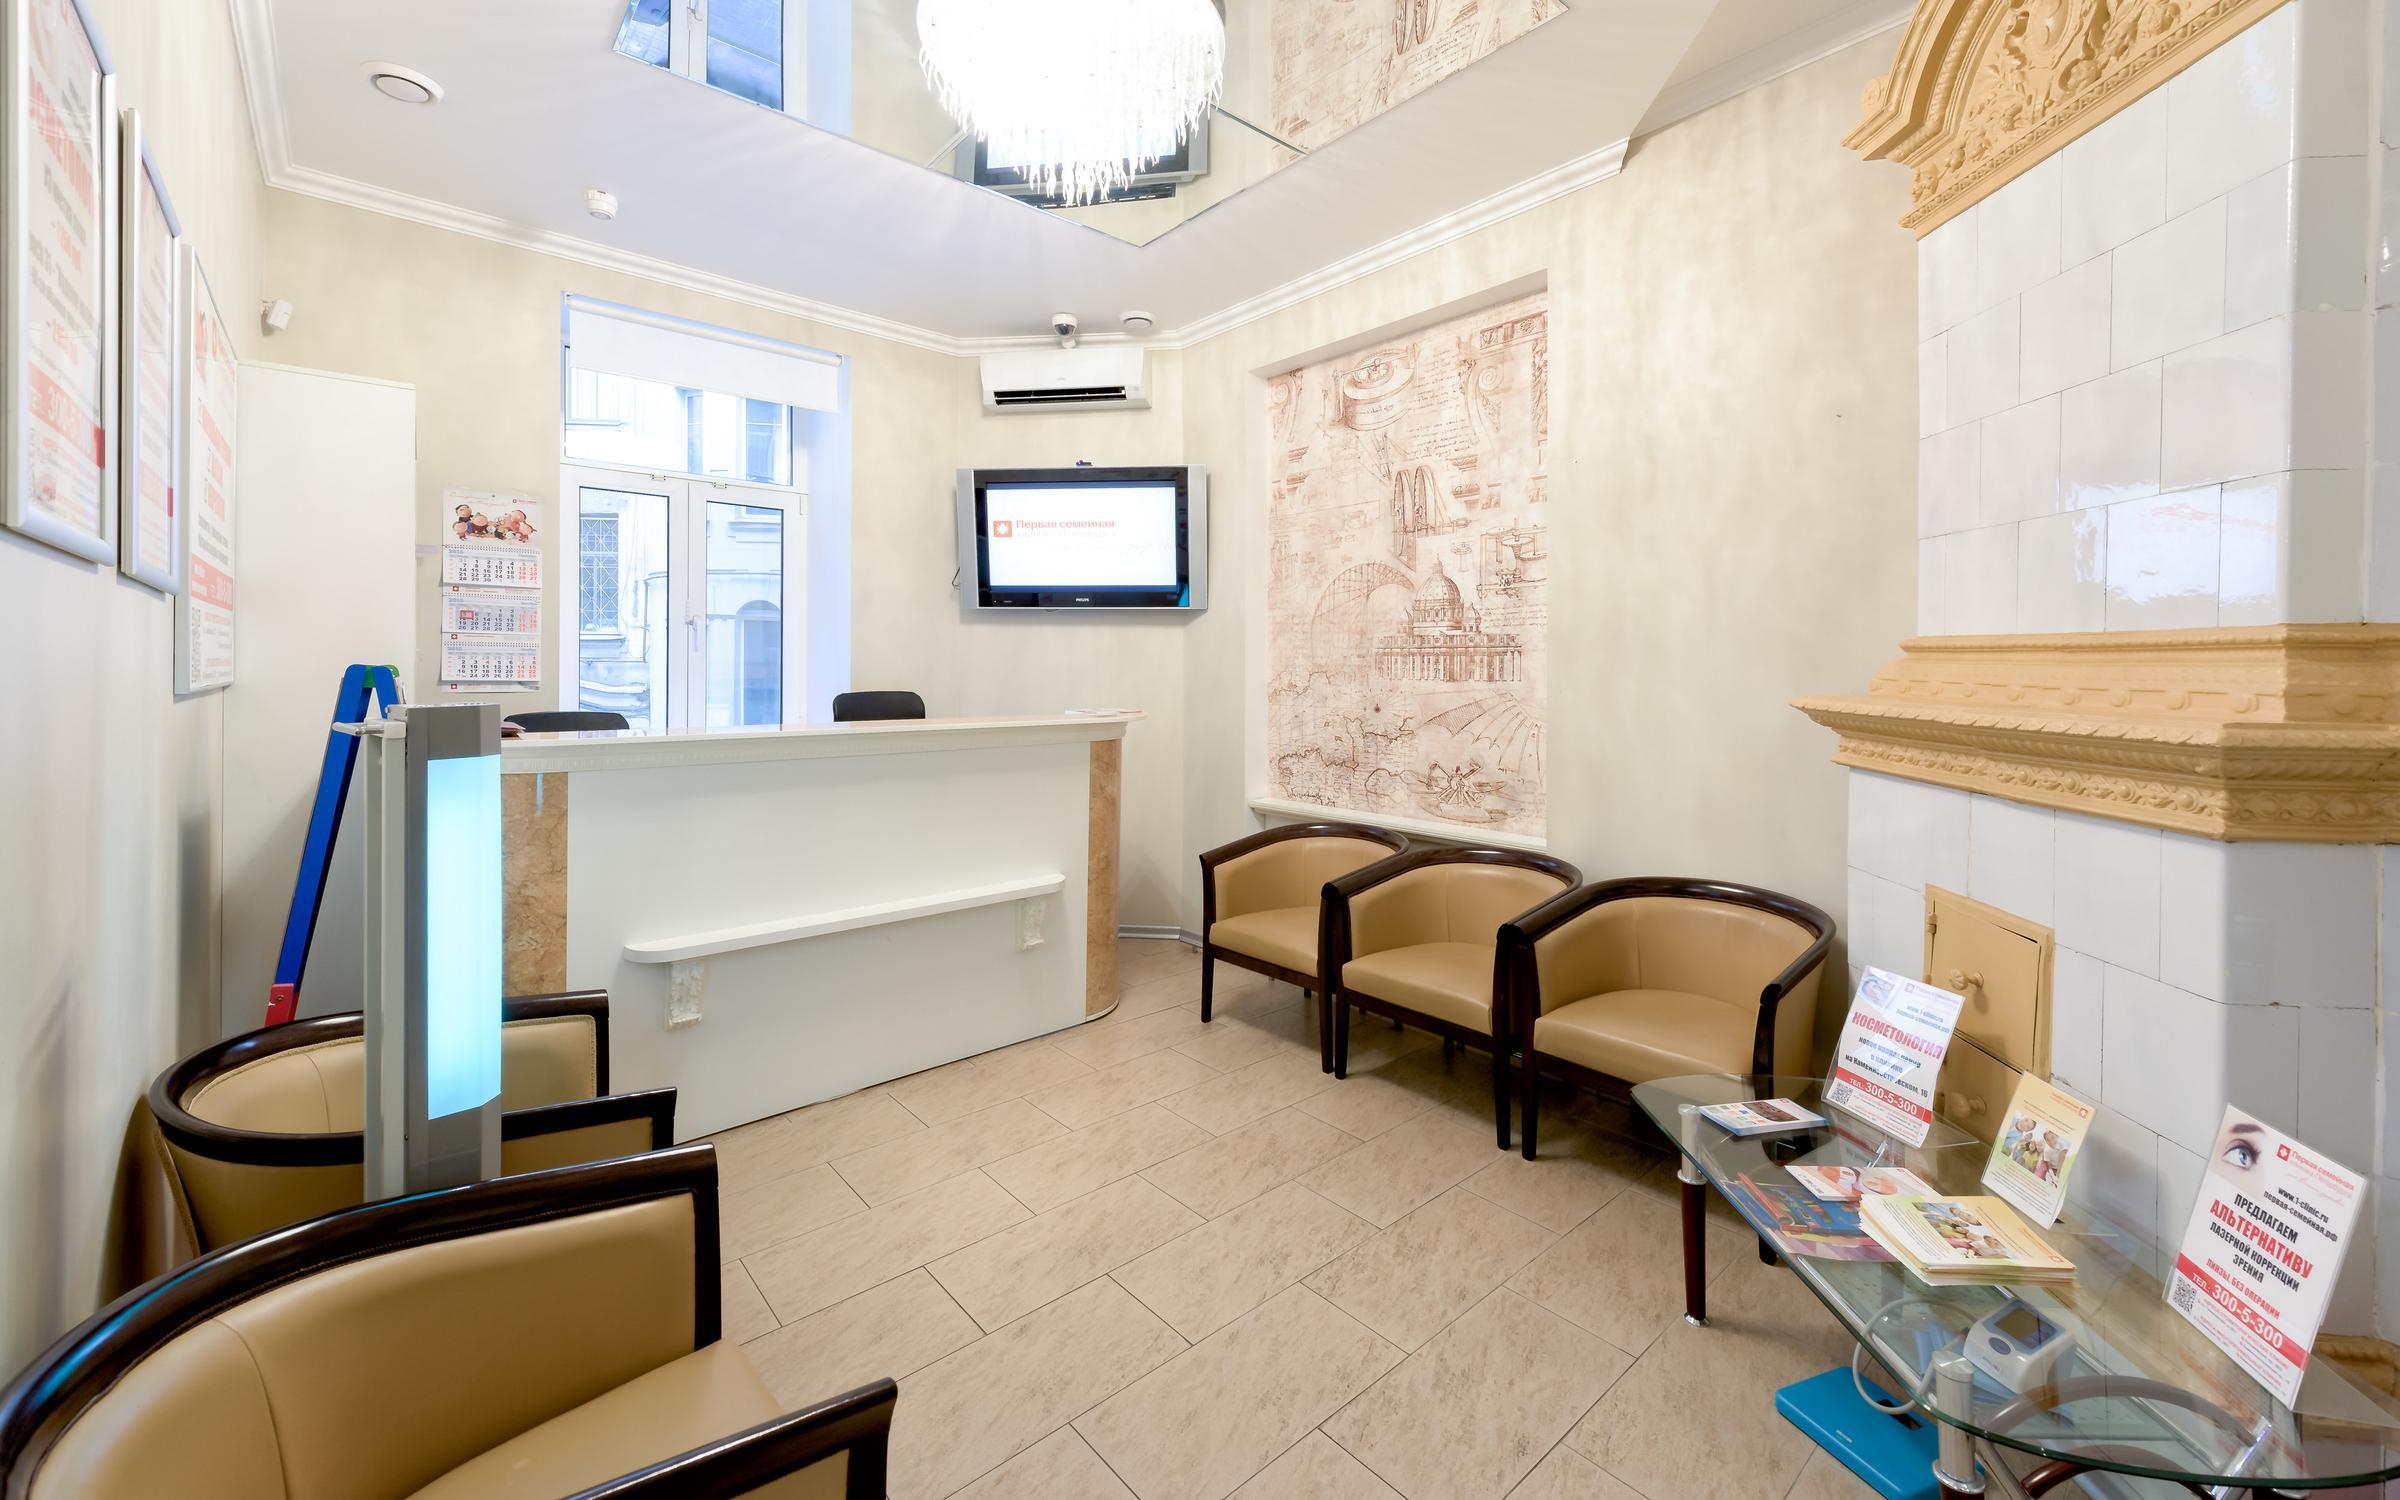 фотография Многопрофильного центра Первая семейная клиника Петербурга в Петроградском районе